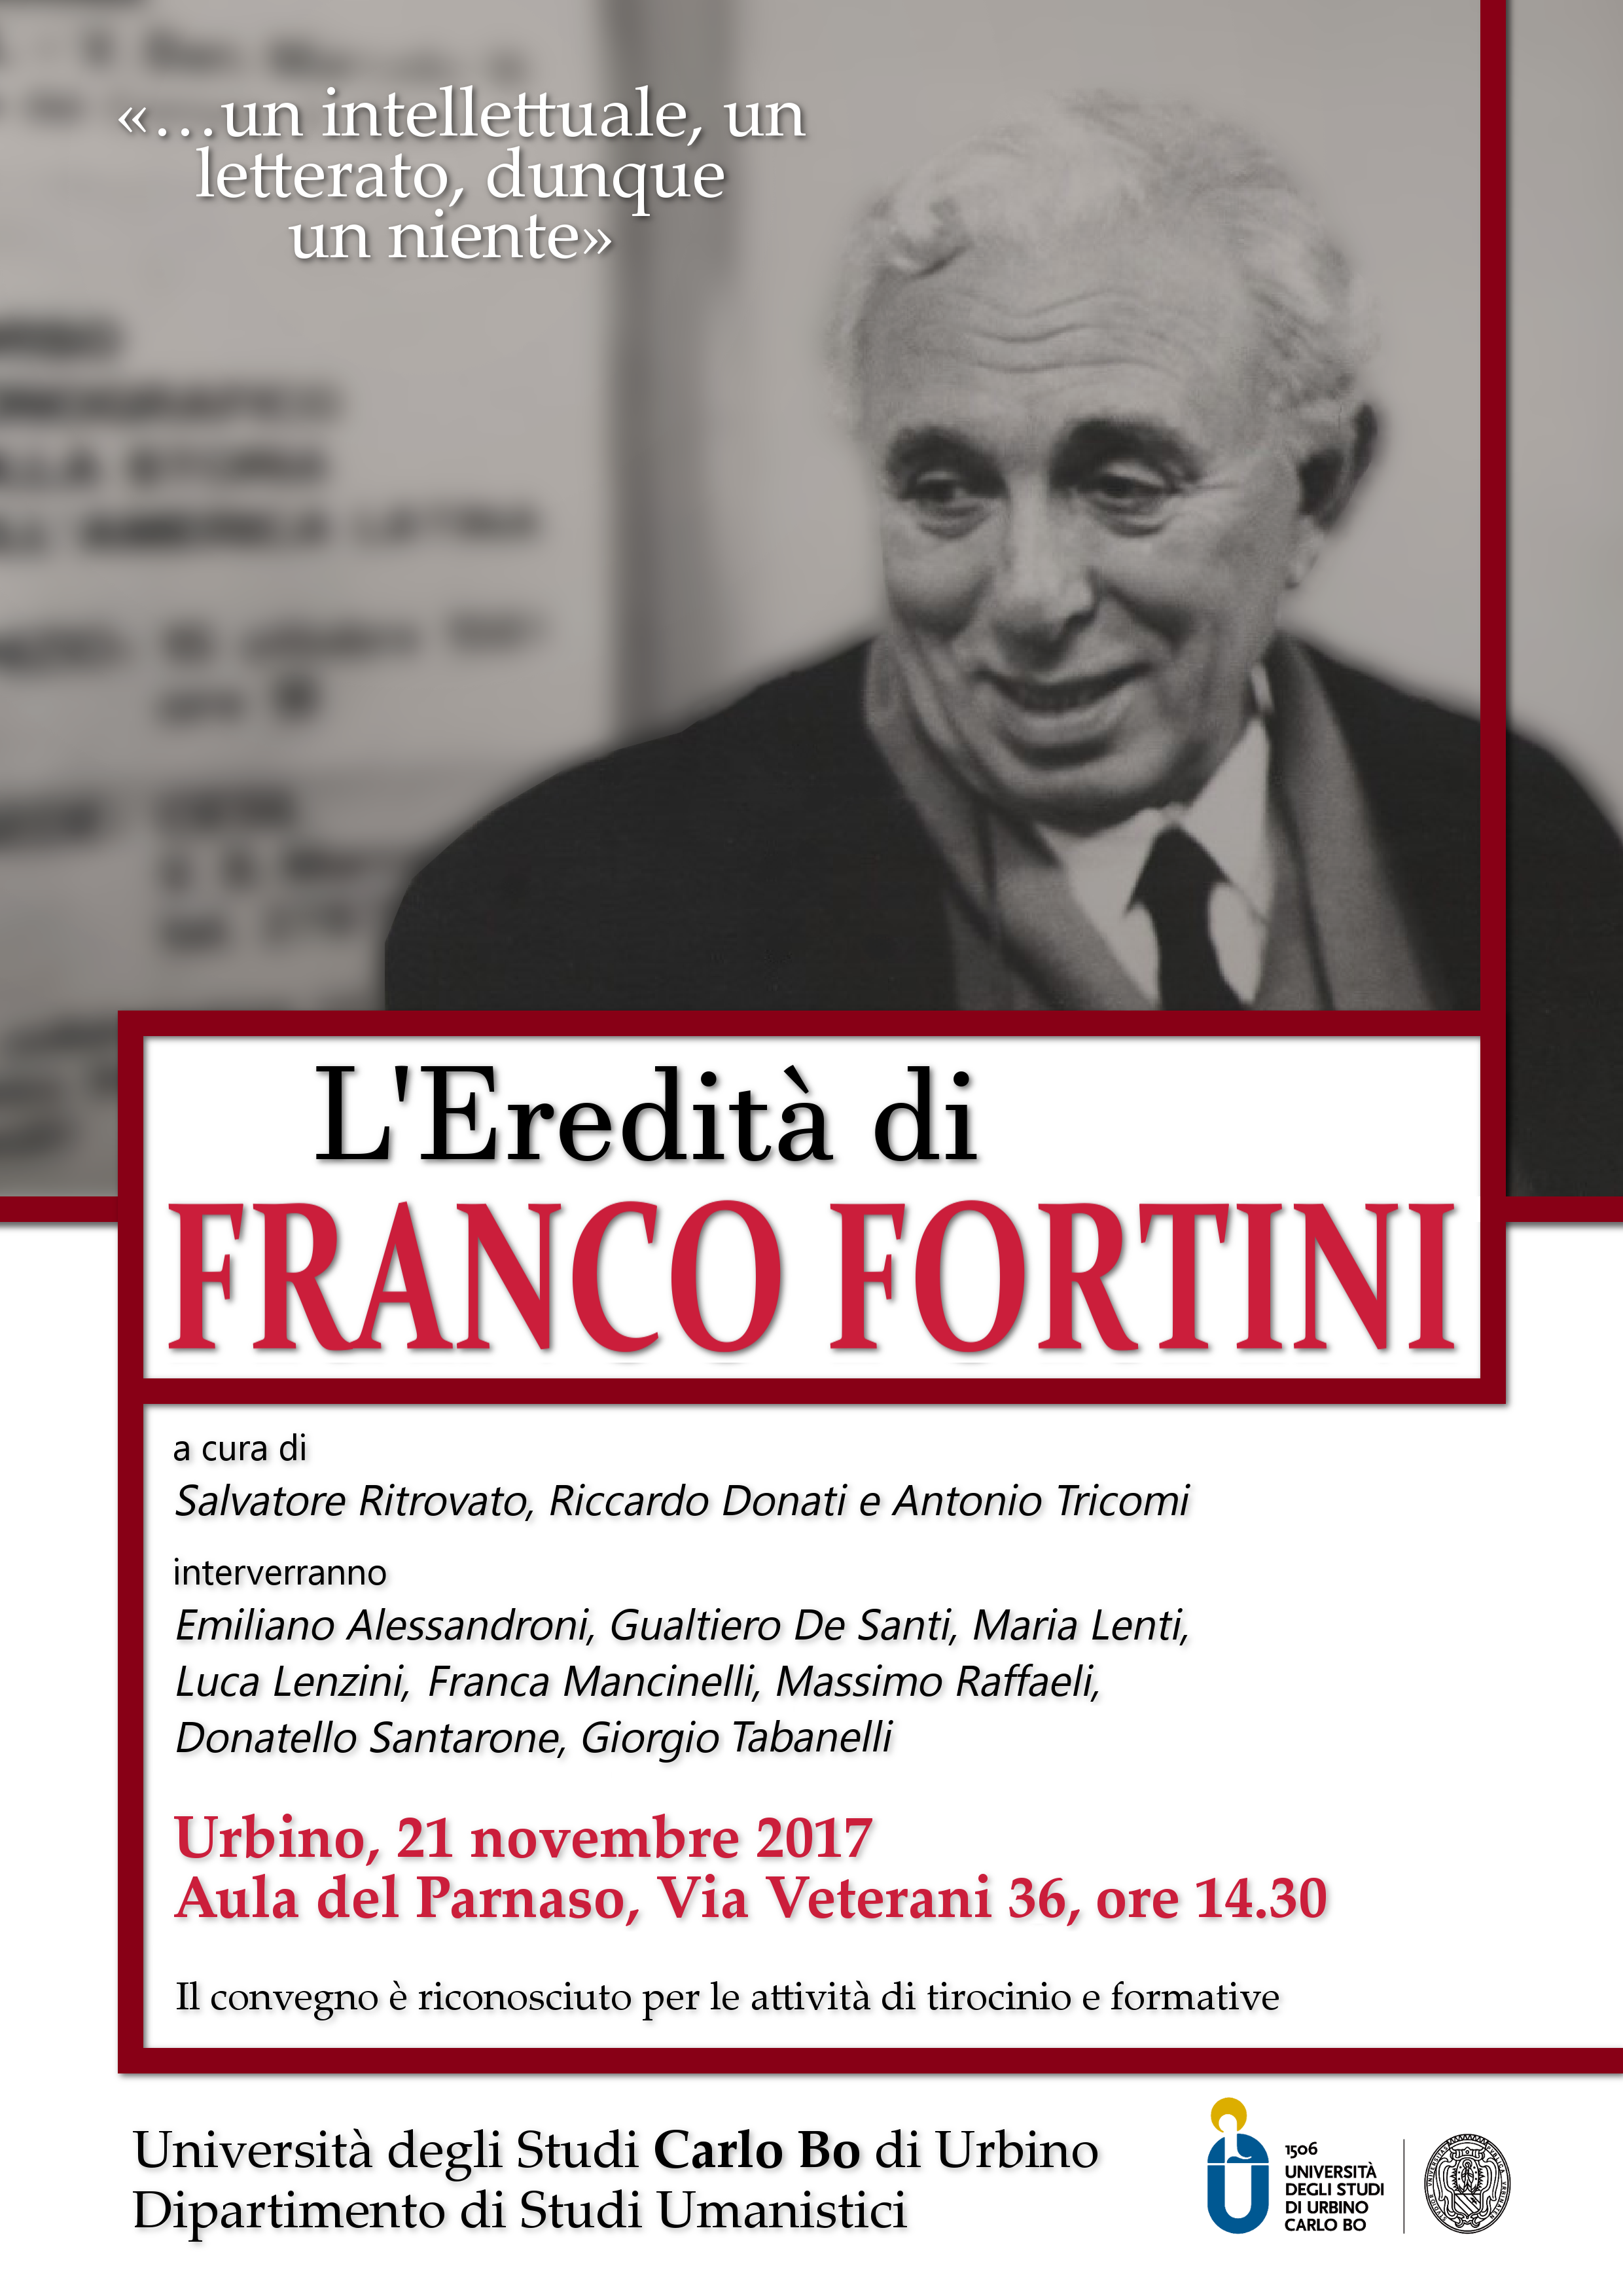 Convegno Urbino locandina